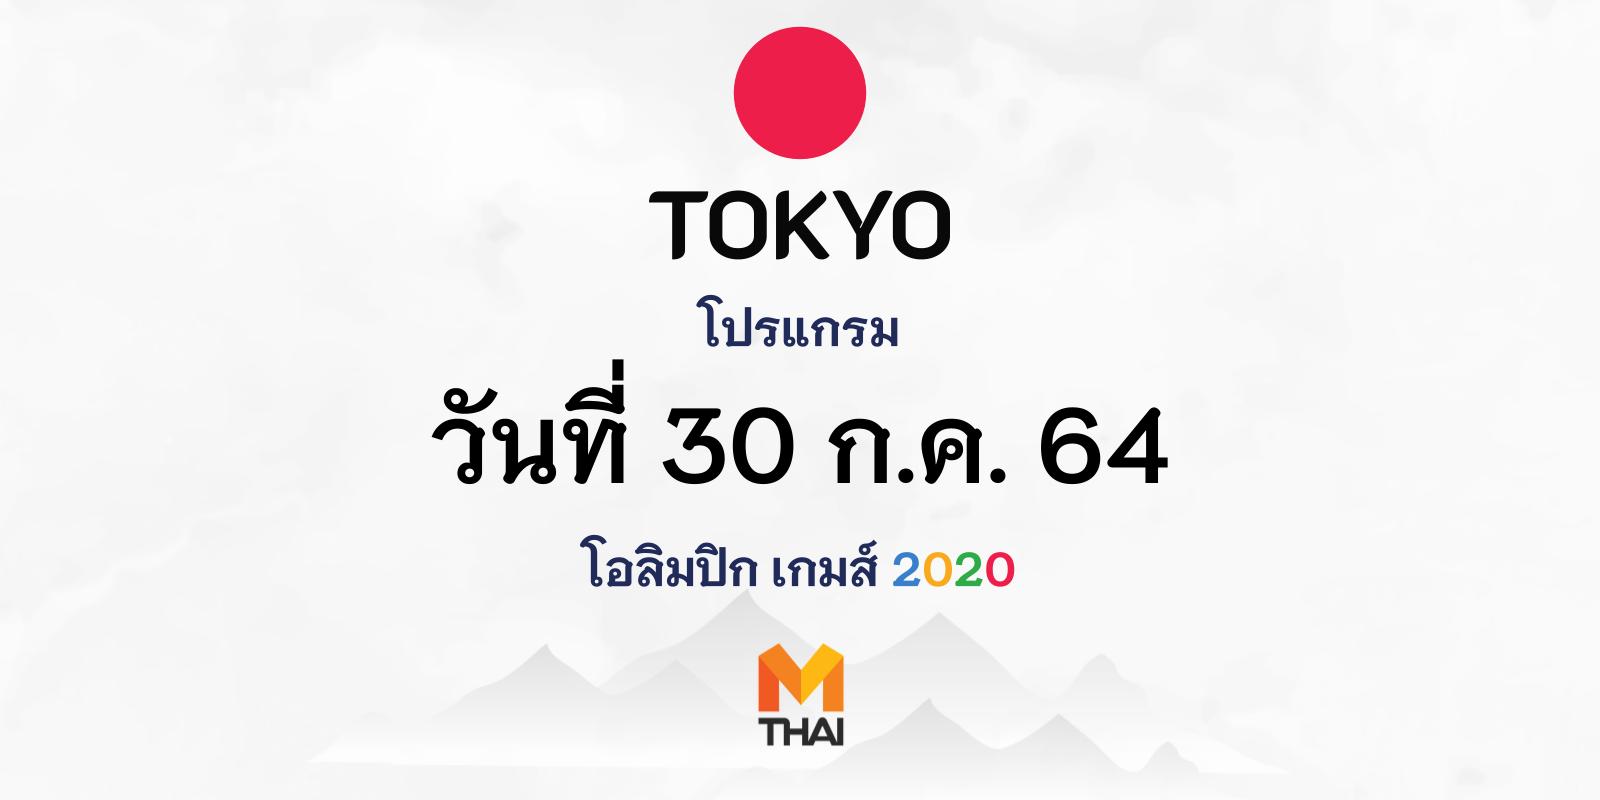 30 ก.ค. 64 โปรแกรมถ่ายทอดสดโอลิมปิกเกมส์ โตเกียว 2020